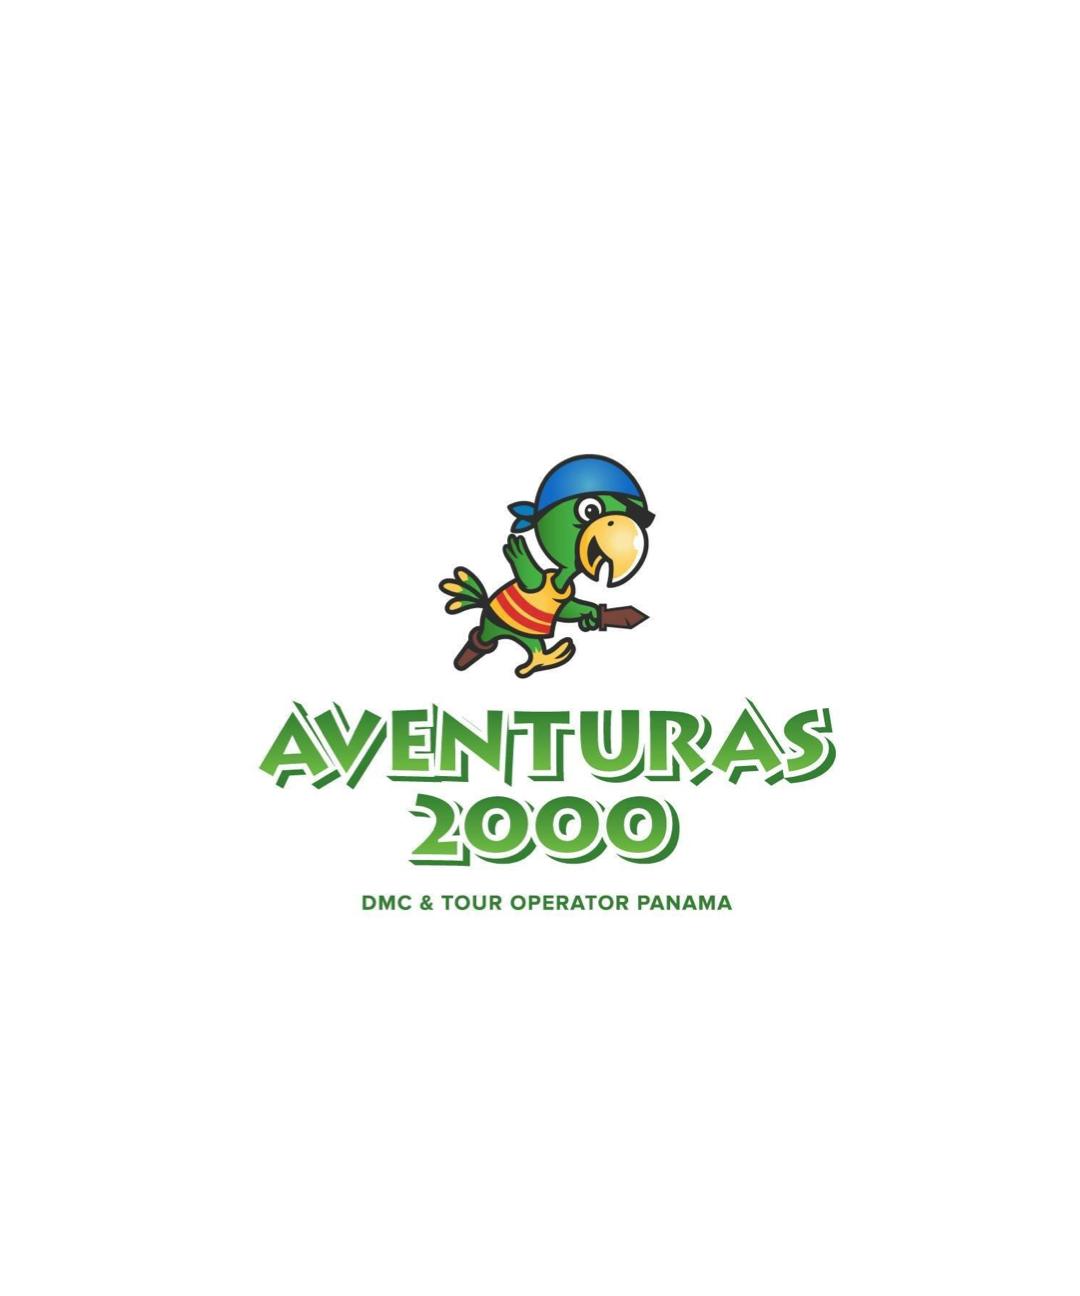 Aventuras 2000